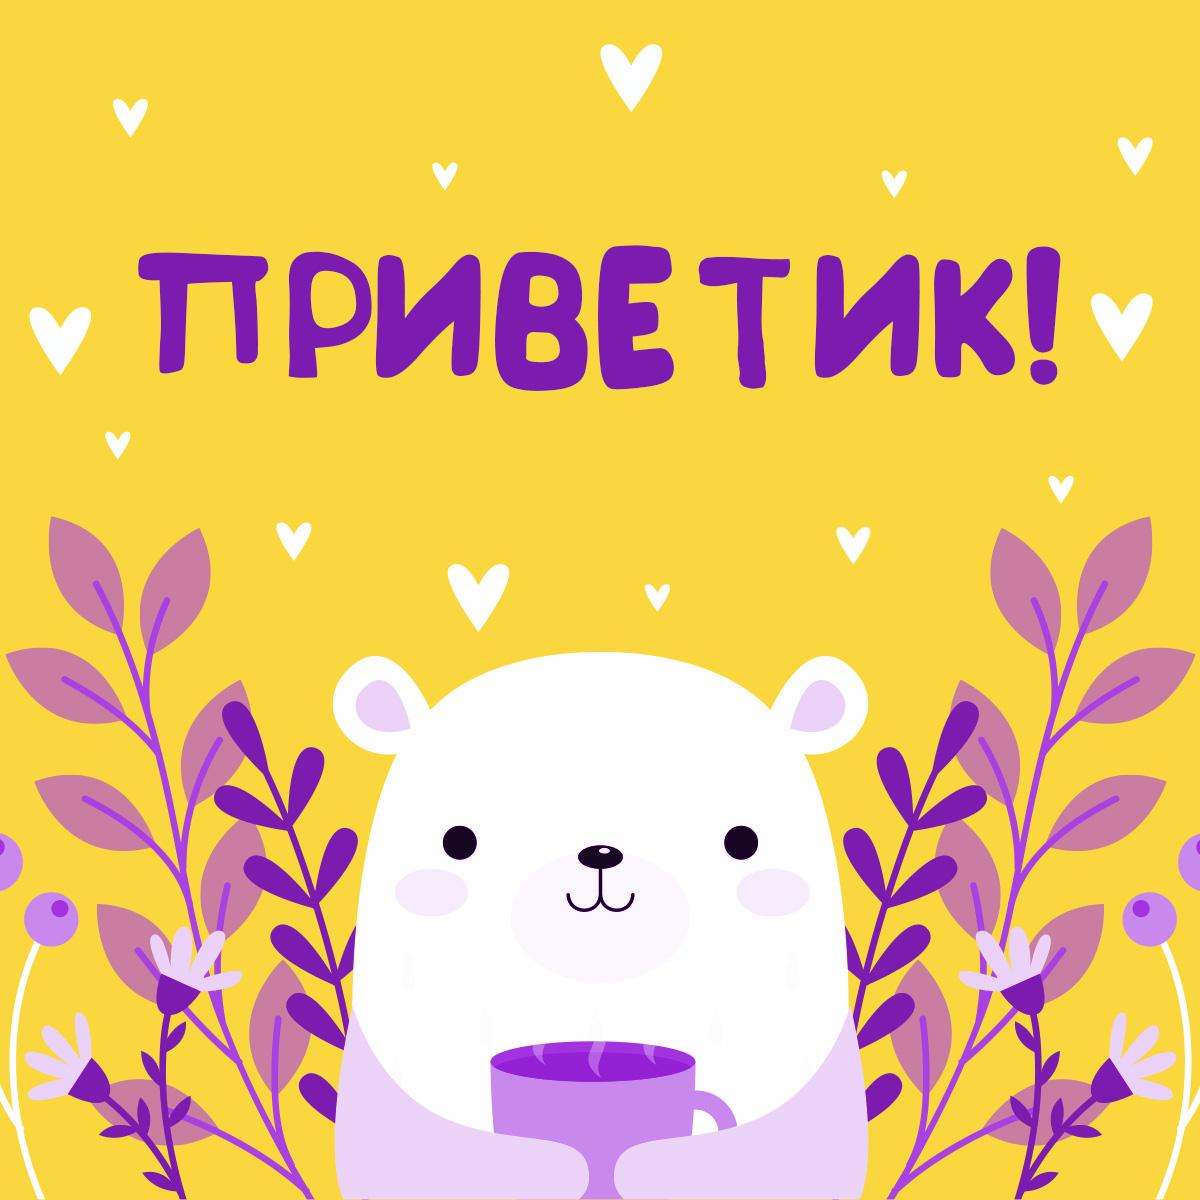 Картинка милая открытка приветик на жёлтом фоне с мультипликационным медведем и надписью